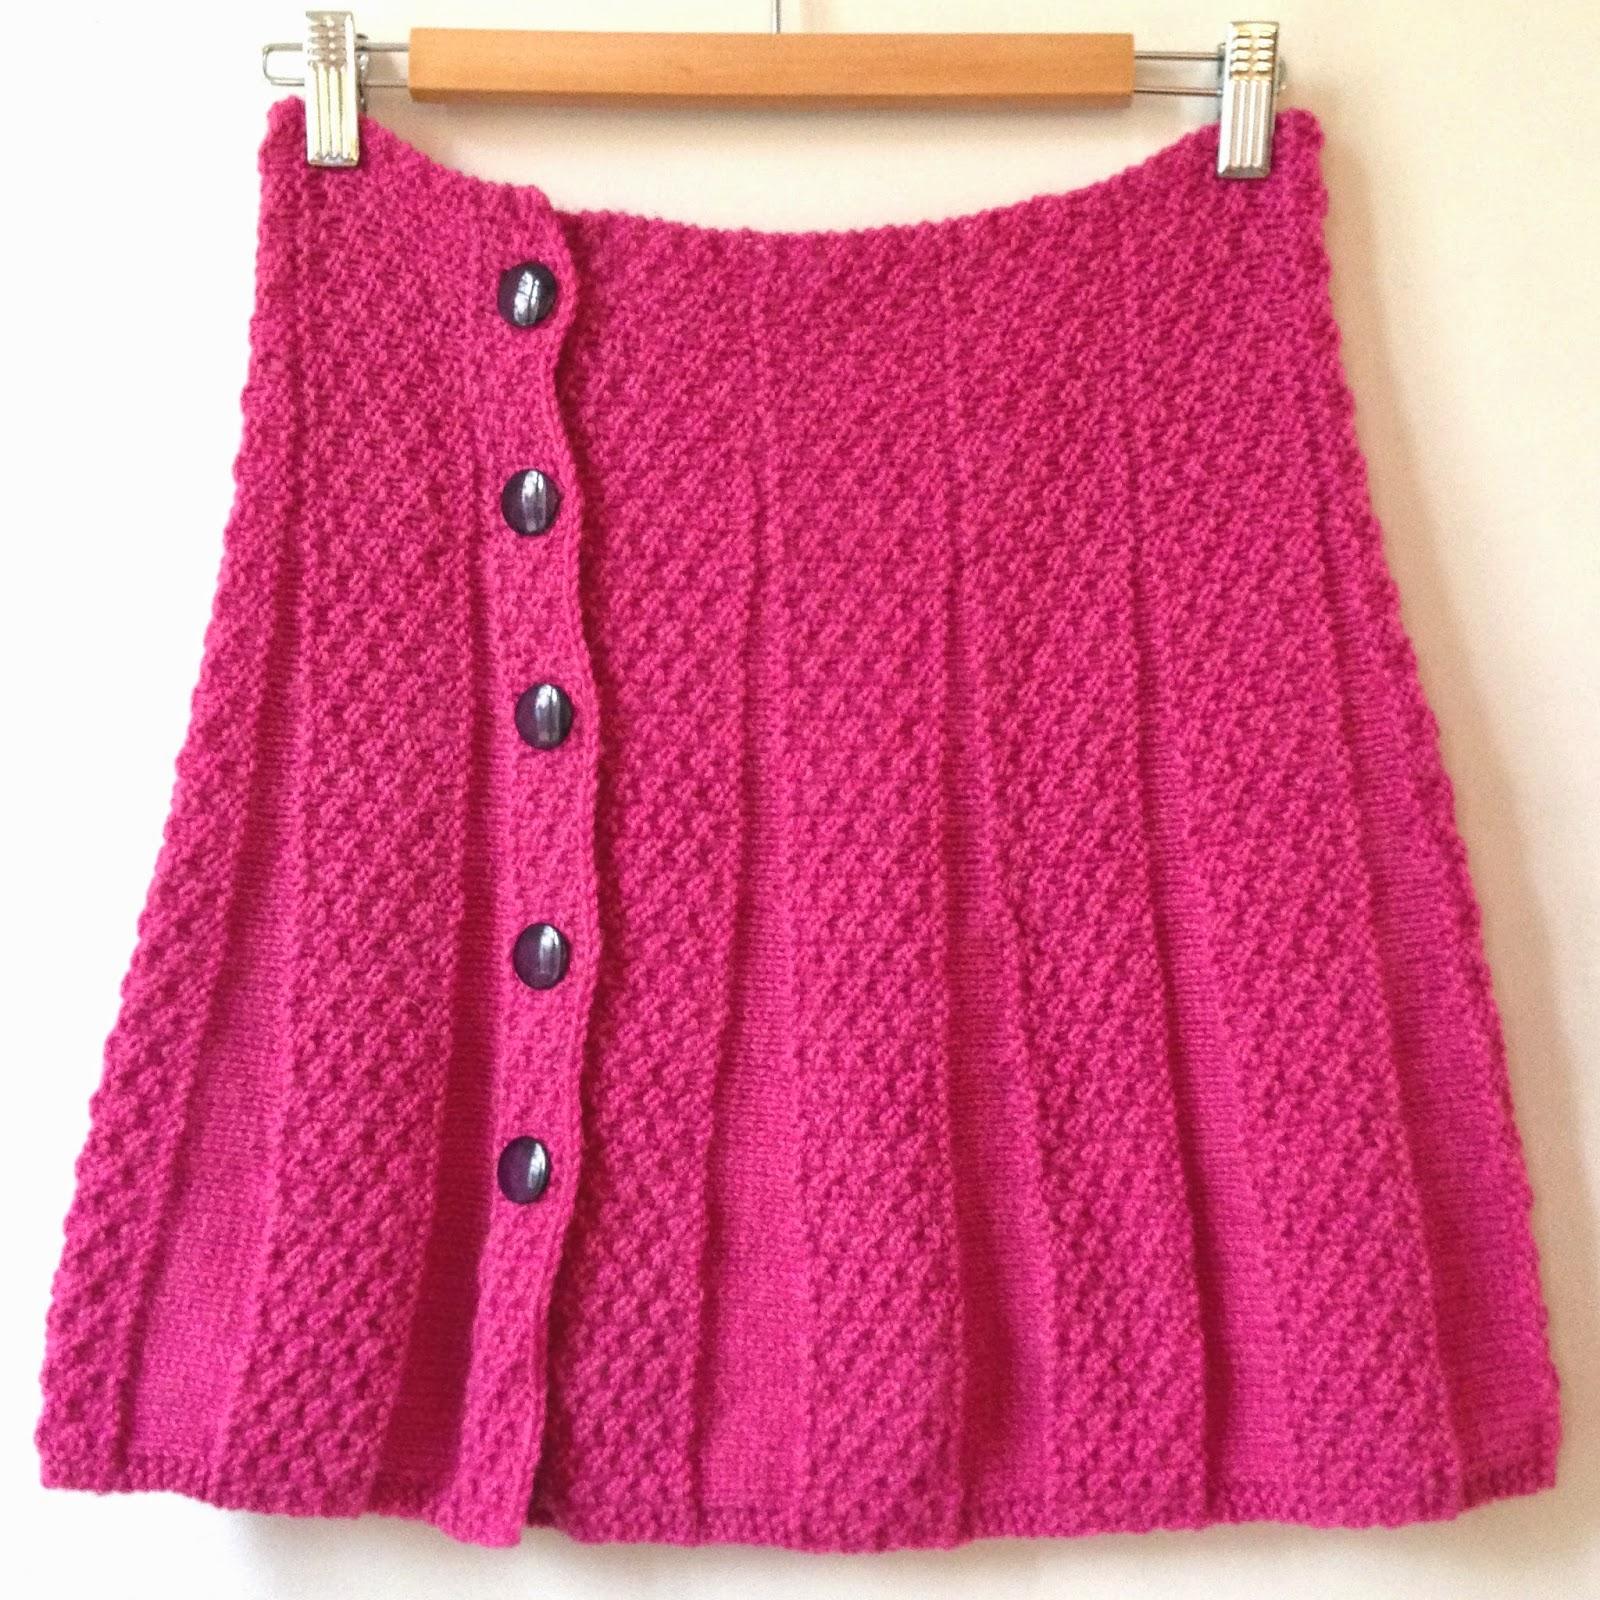 Mod le jupe tricot 2 ans - Cote 2 2 tricot ...